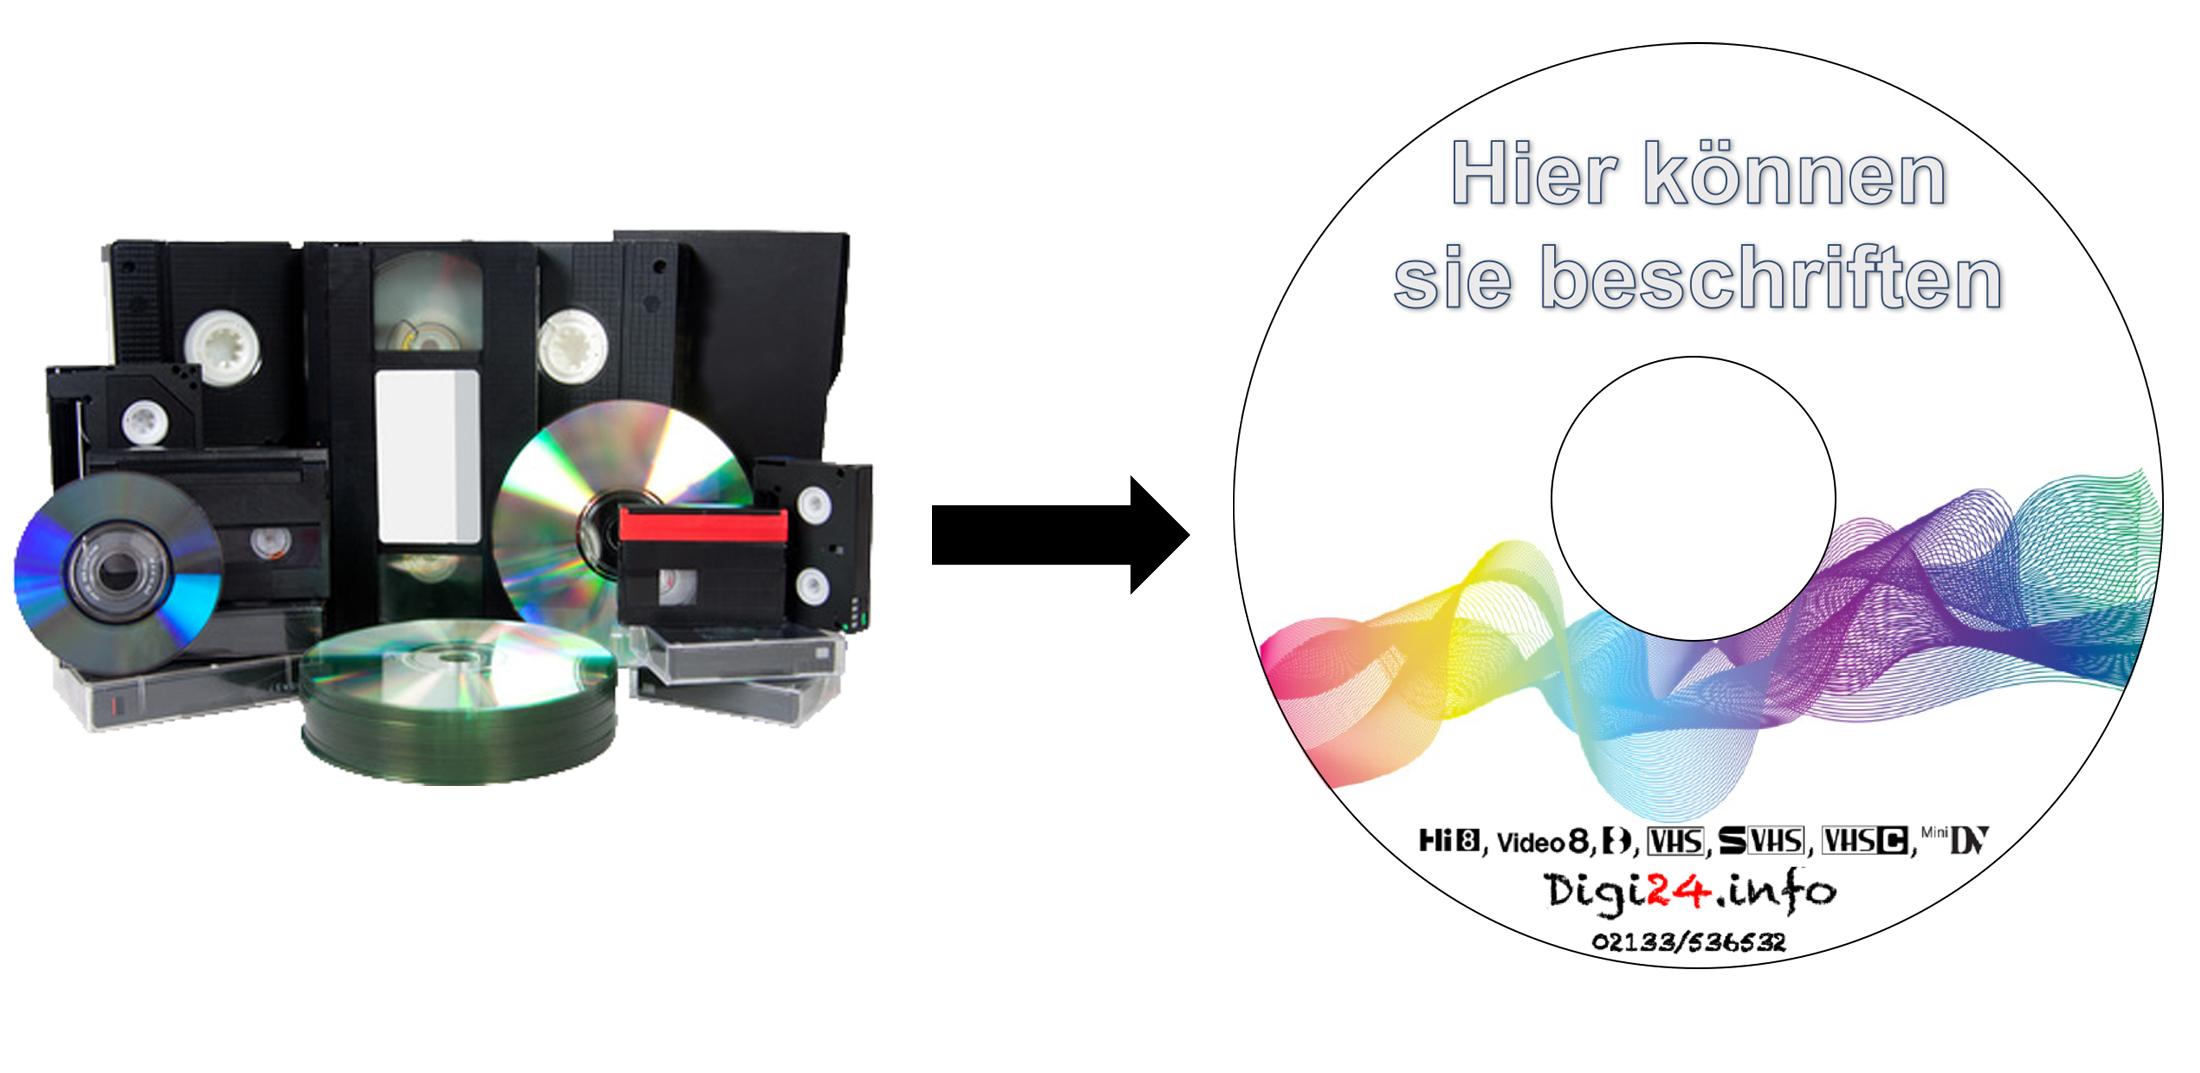 berspielen digitalisieren von vhs vhs c hi8 video8 digital8 minidv auf bluray ebay. Black Bedroom Furniture Sets. Home Design Ideas